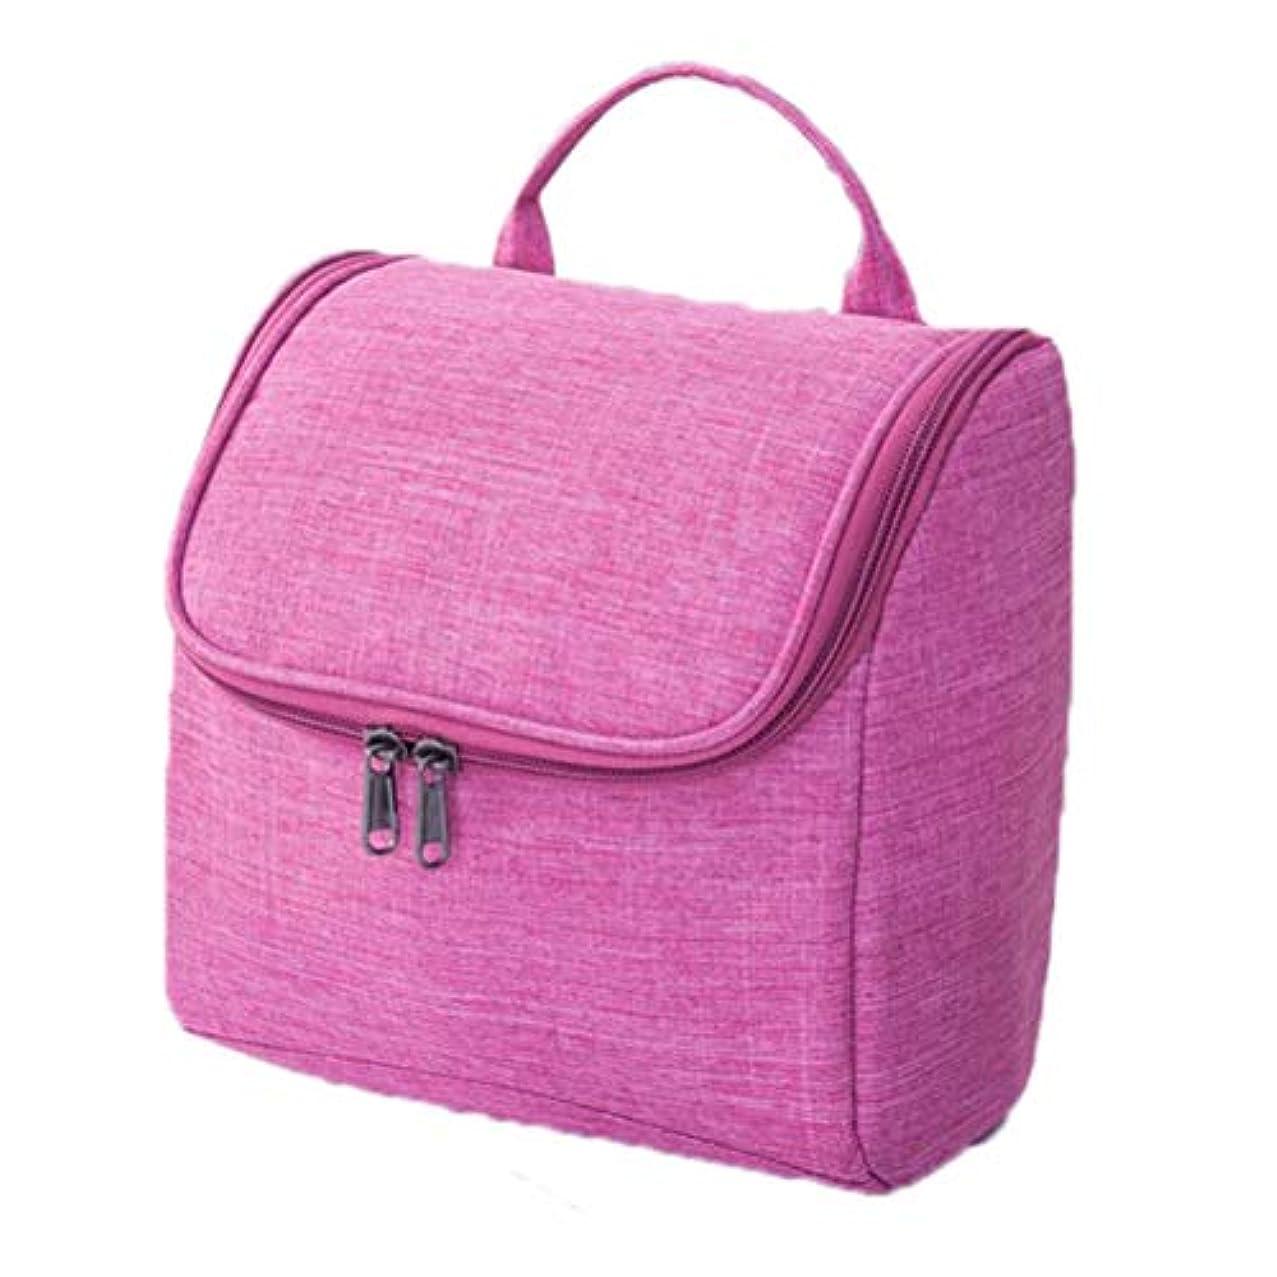 感謝ヒロイン争うCOSCO コスメバッグ トラベルポーチ 化粧ポーチ 旅行バッグ 洗面用具入れ 収納バッグ フック付き 吊り下げ